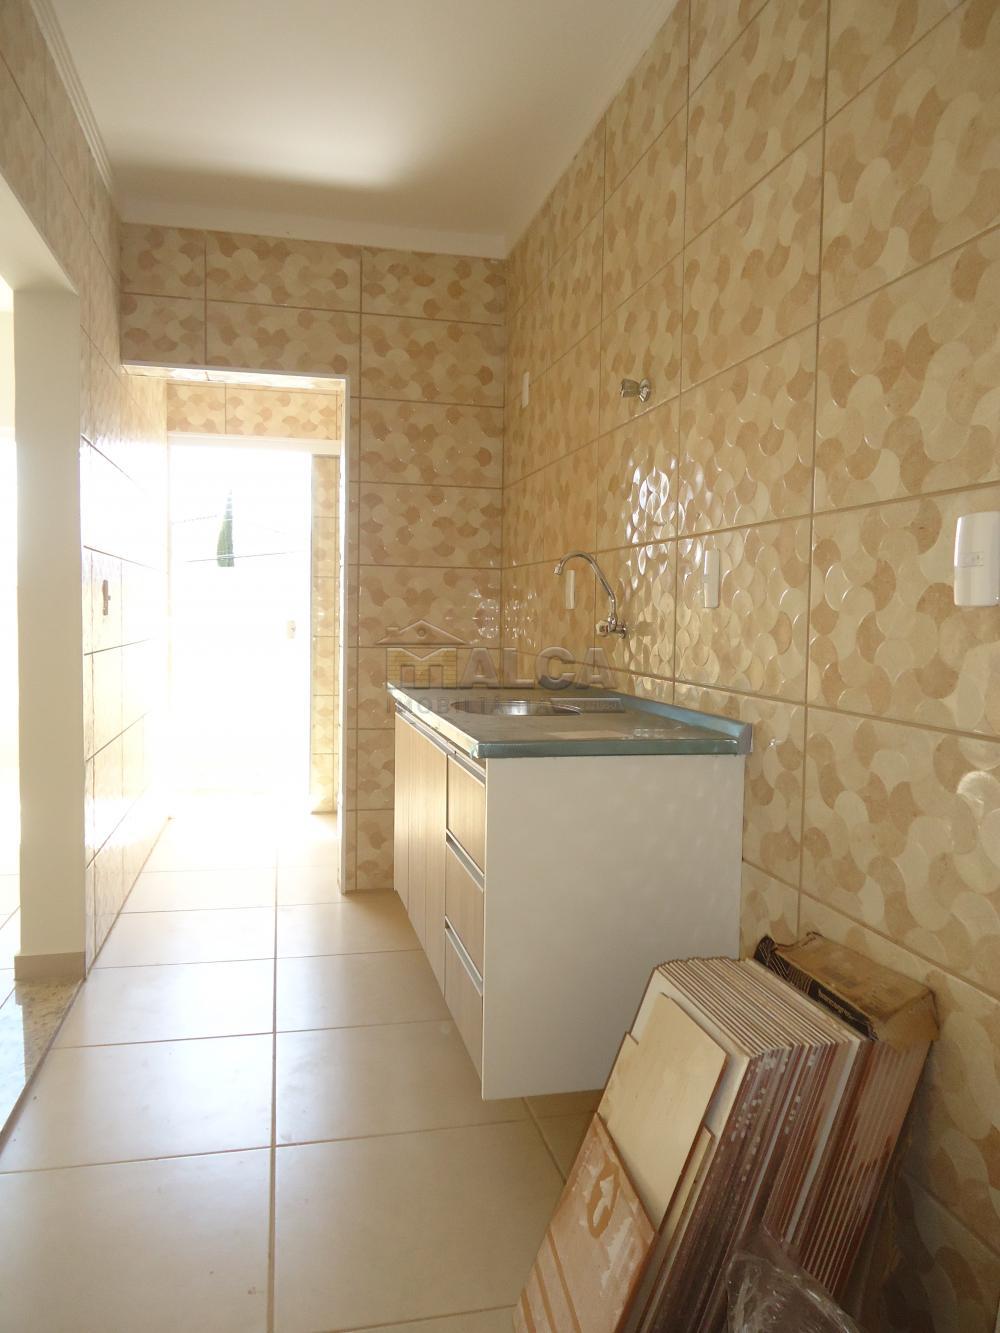 Alugar Apartamentos / Padrão em São José do Rio Pardo R$ 935,00 - Foto 19